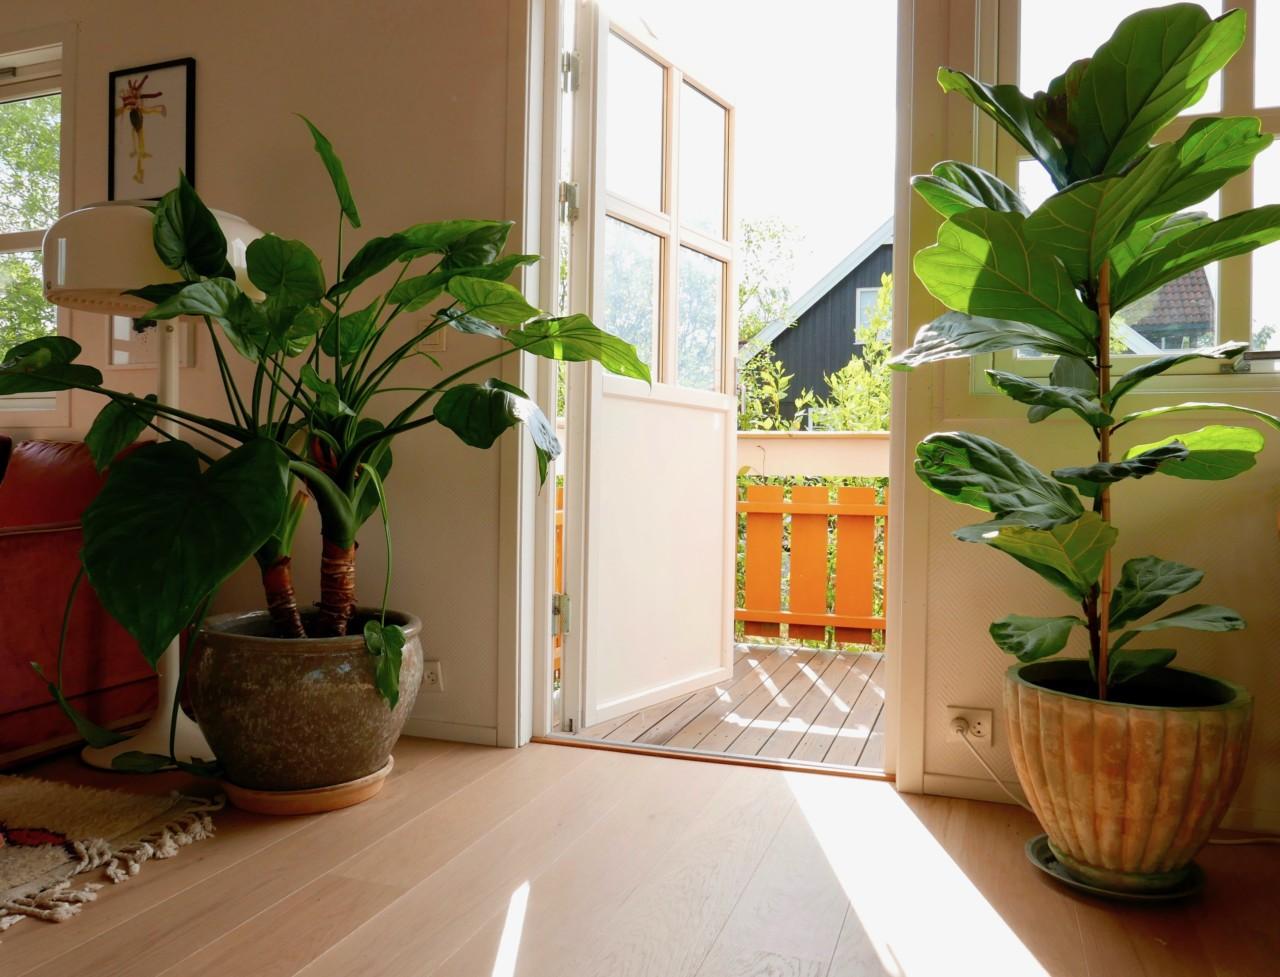 palme-gummifiken-gronne-fingre-plantetips-green-house